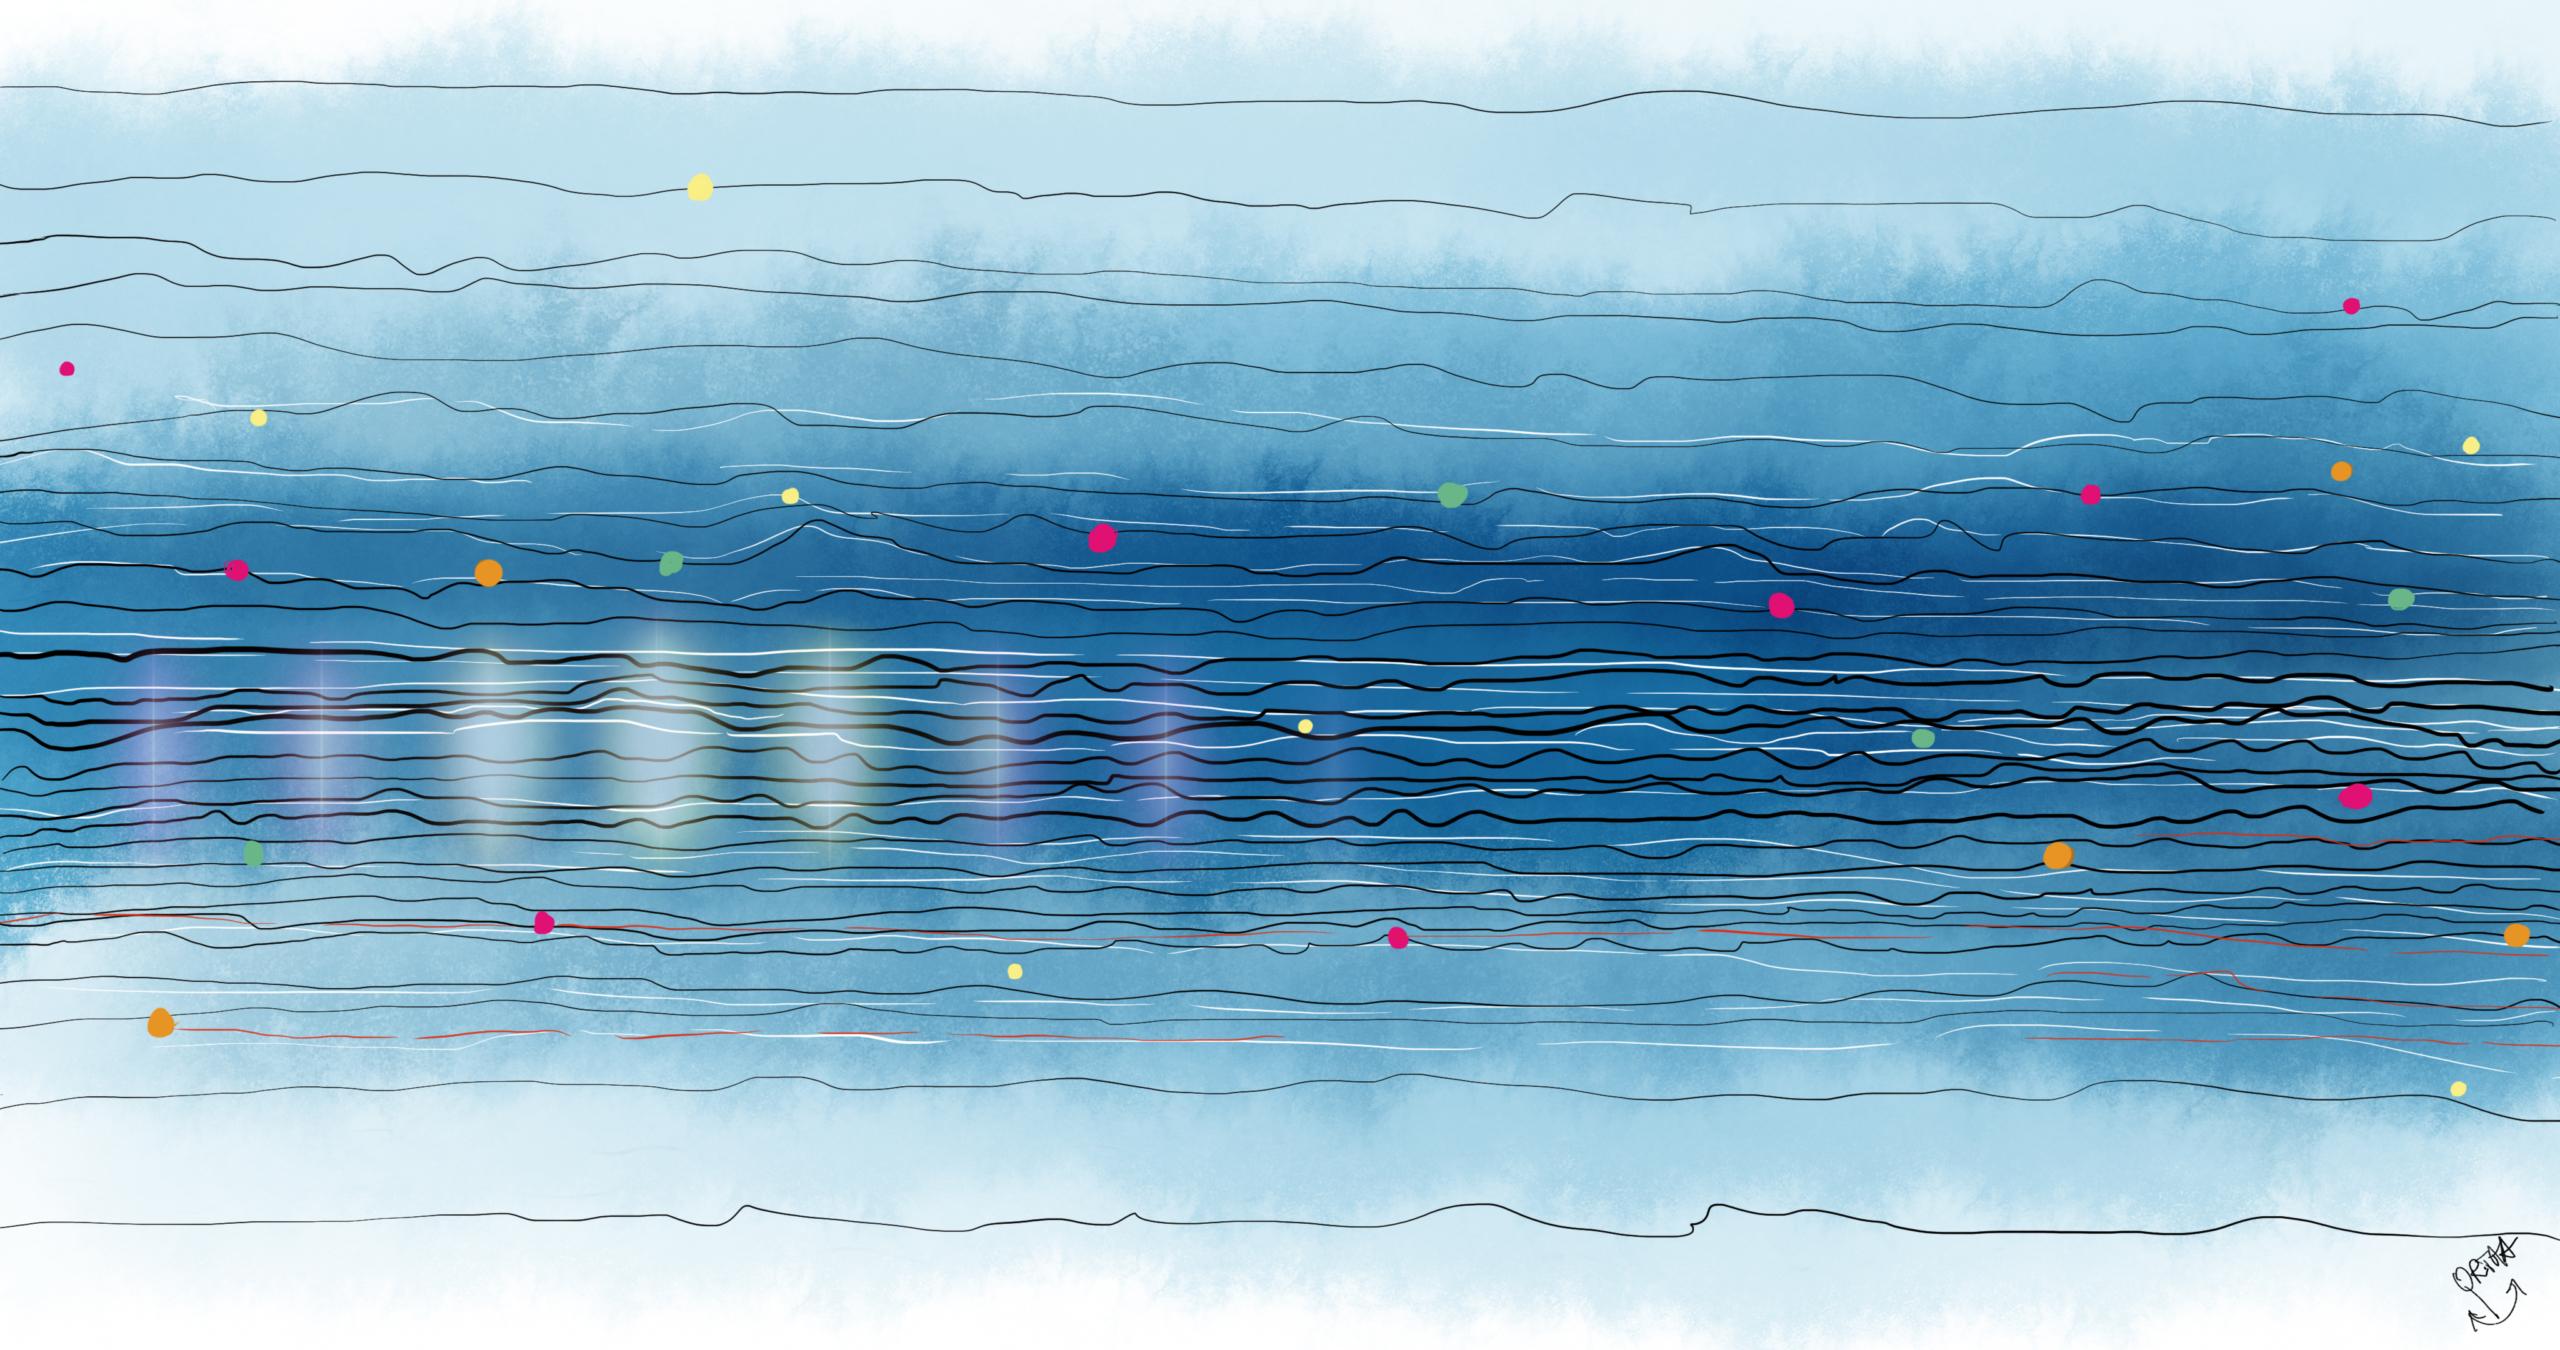 Blaue Reihe: Linien und Punkte